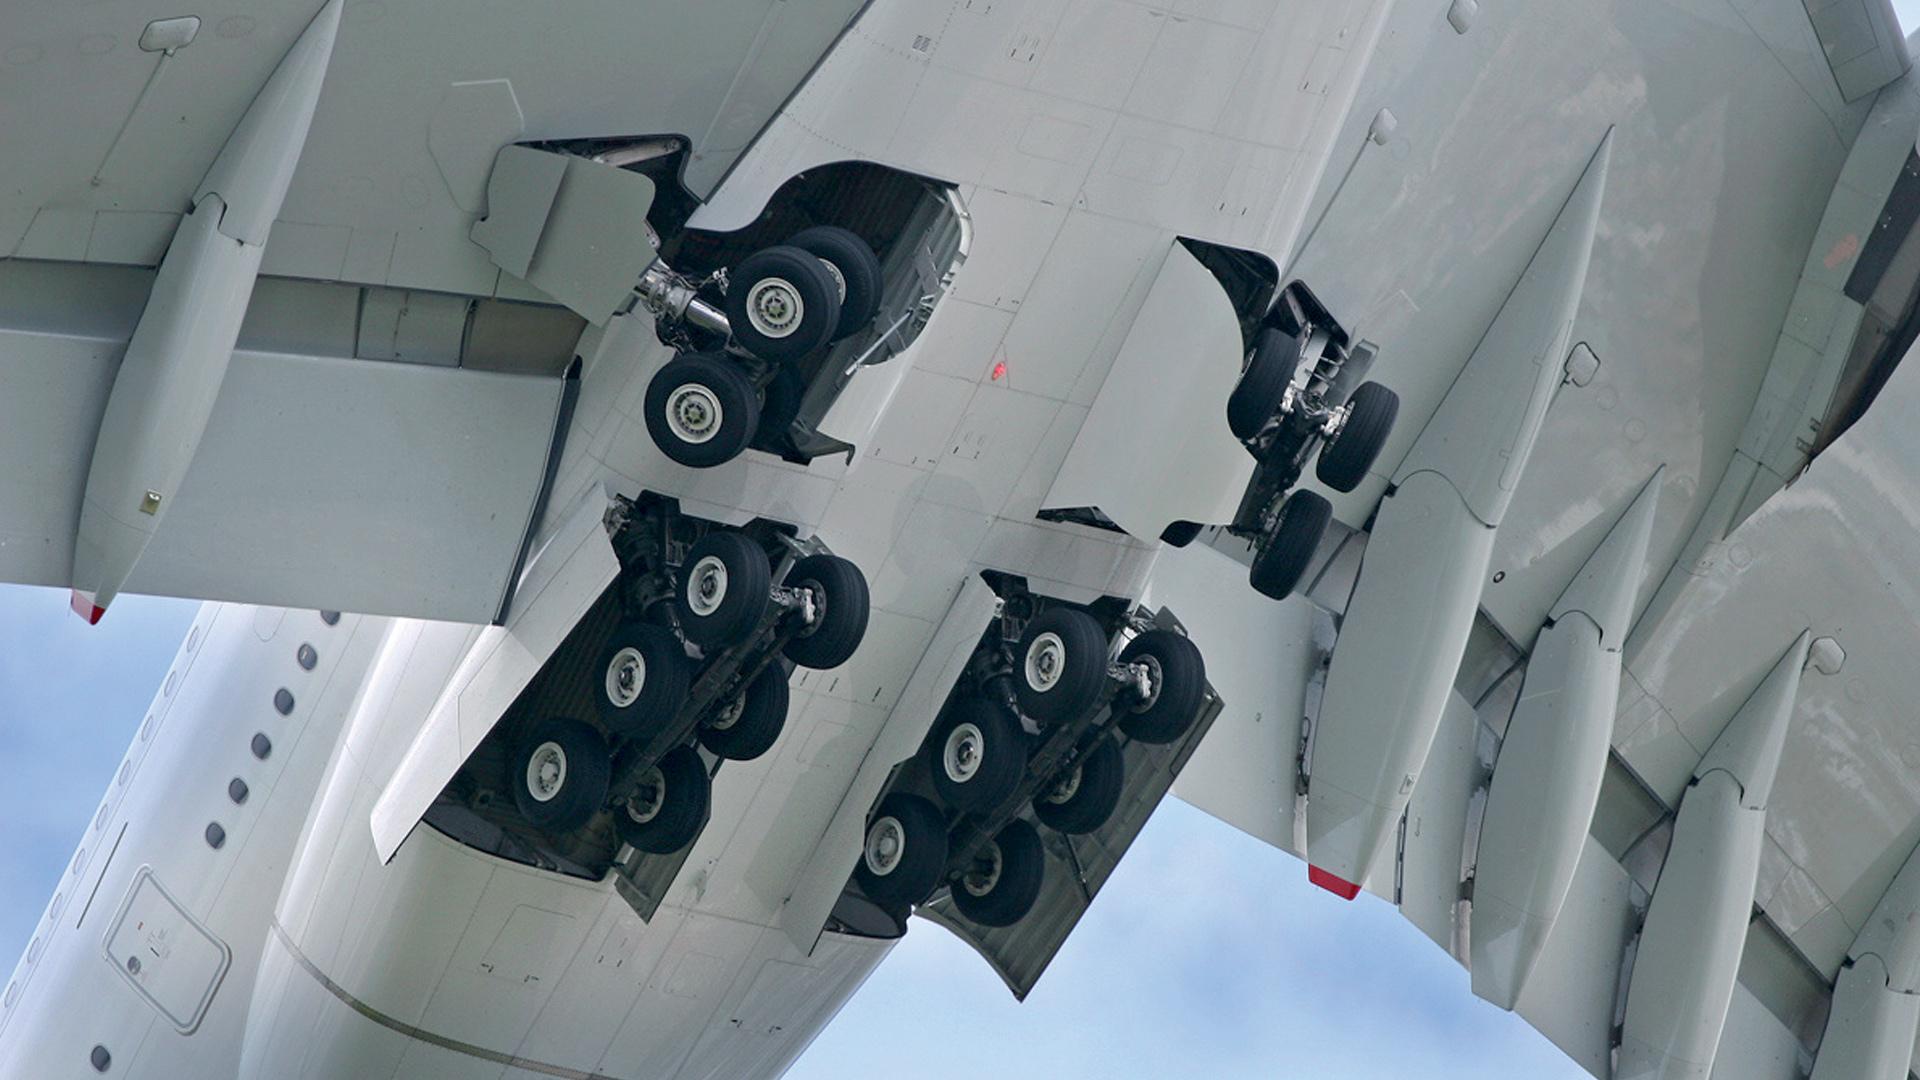 Landing gears